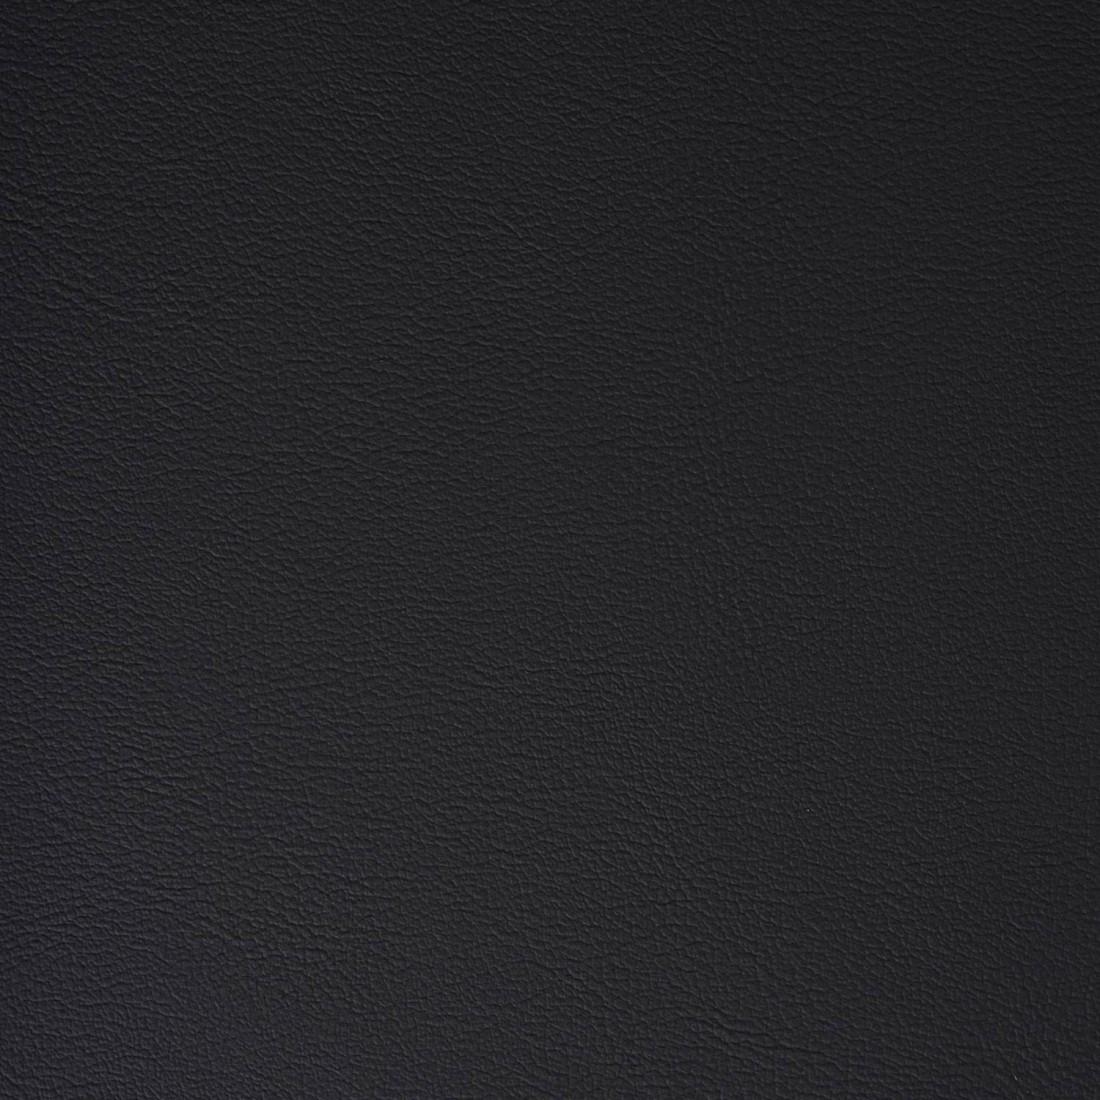 Automotive leather JAGUAR ® Coloris Noir